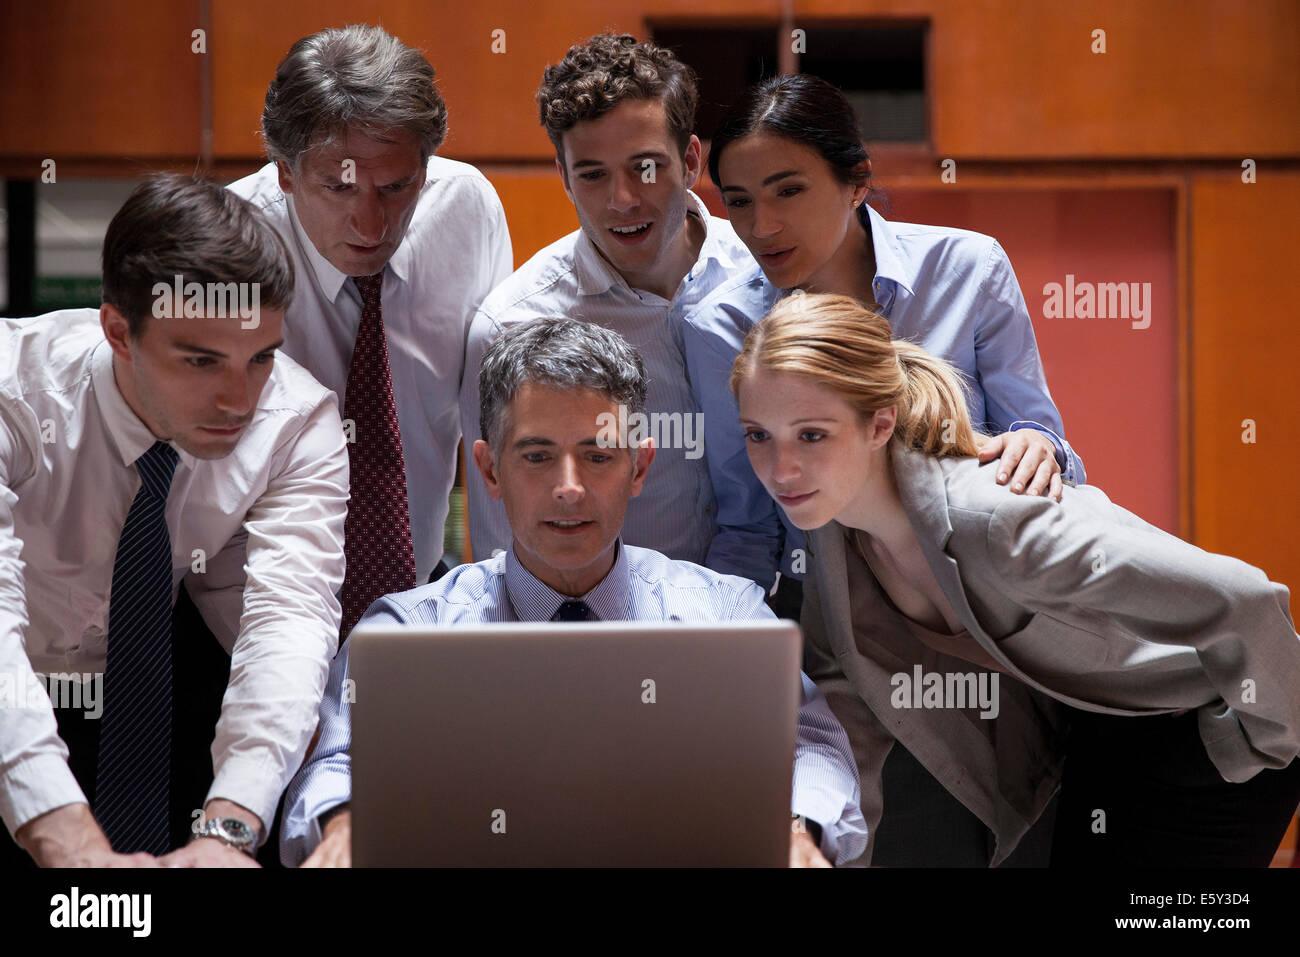 Des collègues de foule autour de collègue regardant par-dessus son épaule at laptop computer Photo Stock